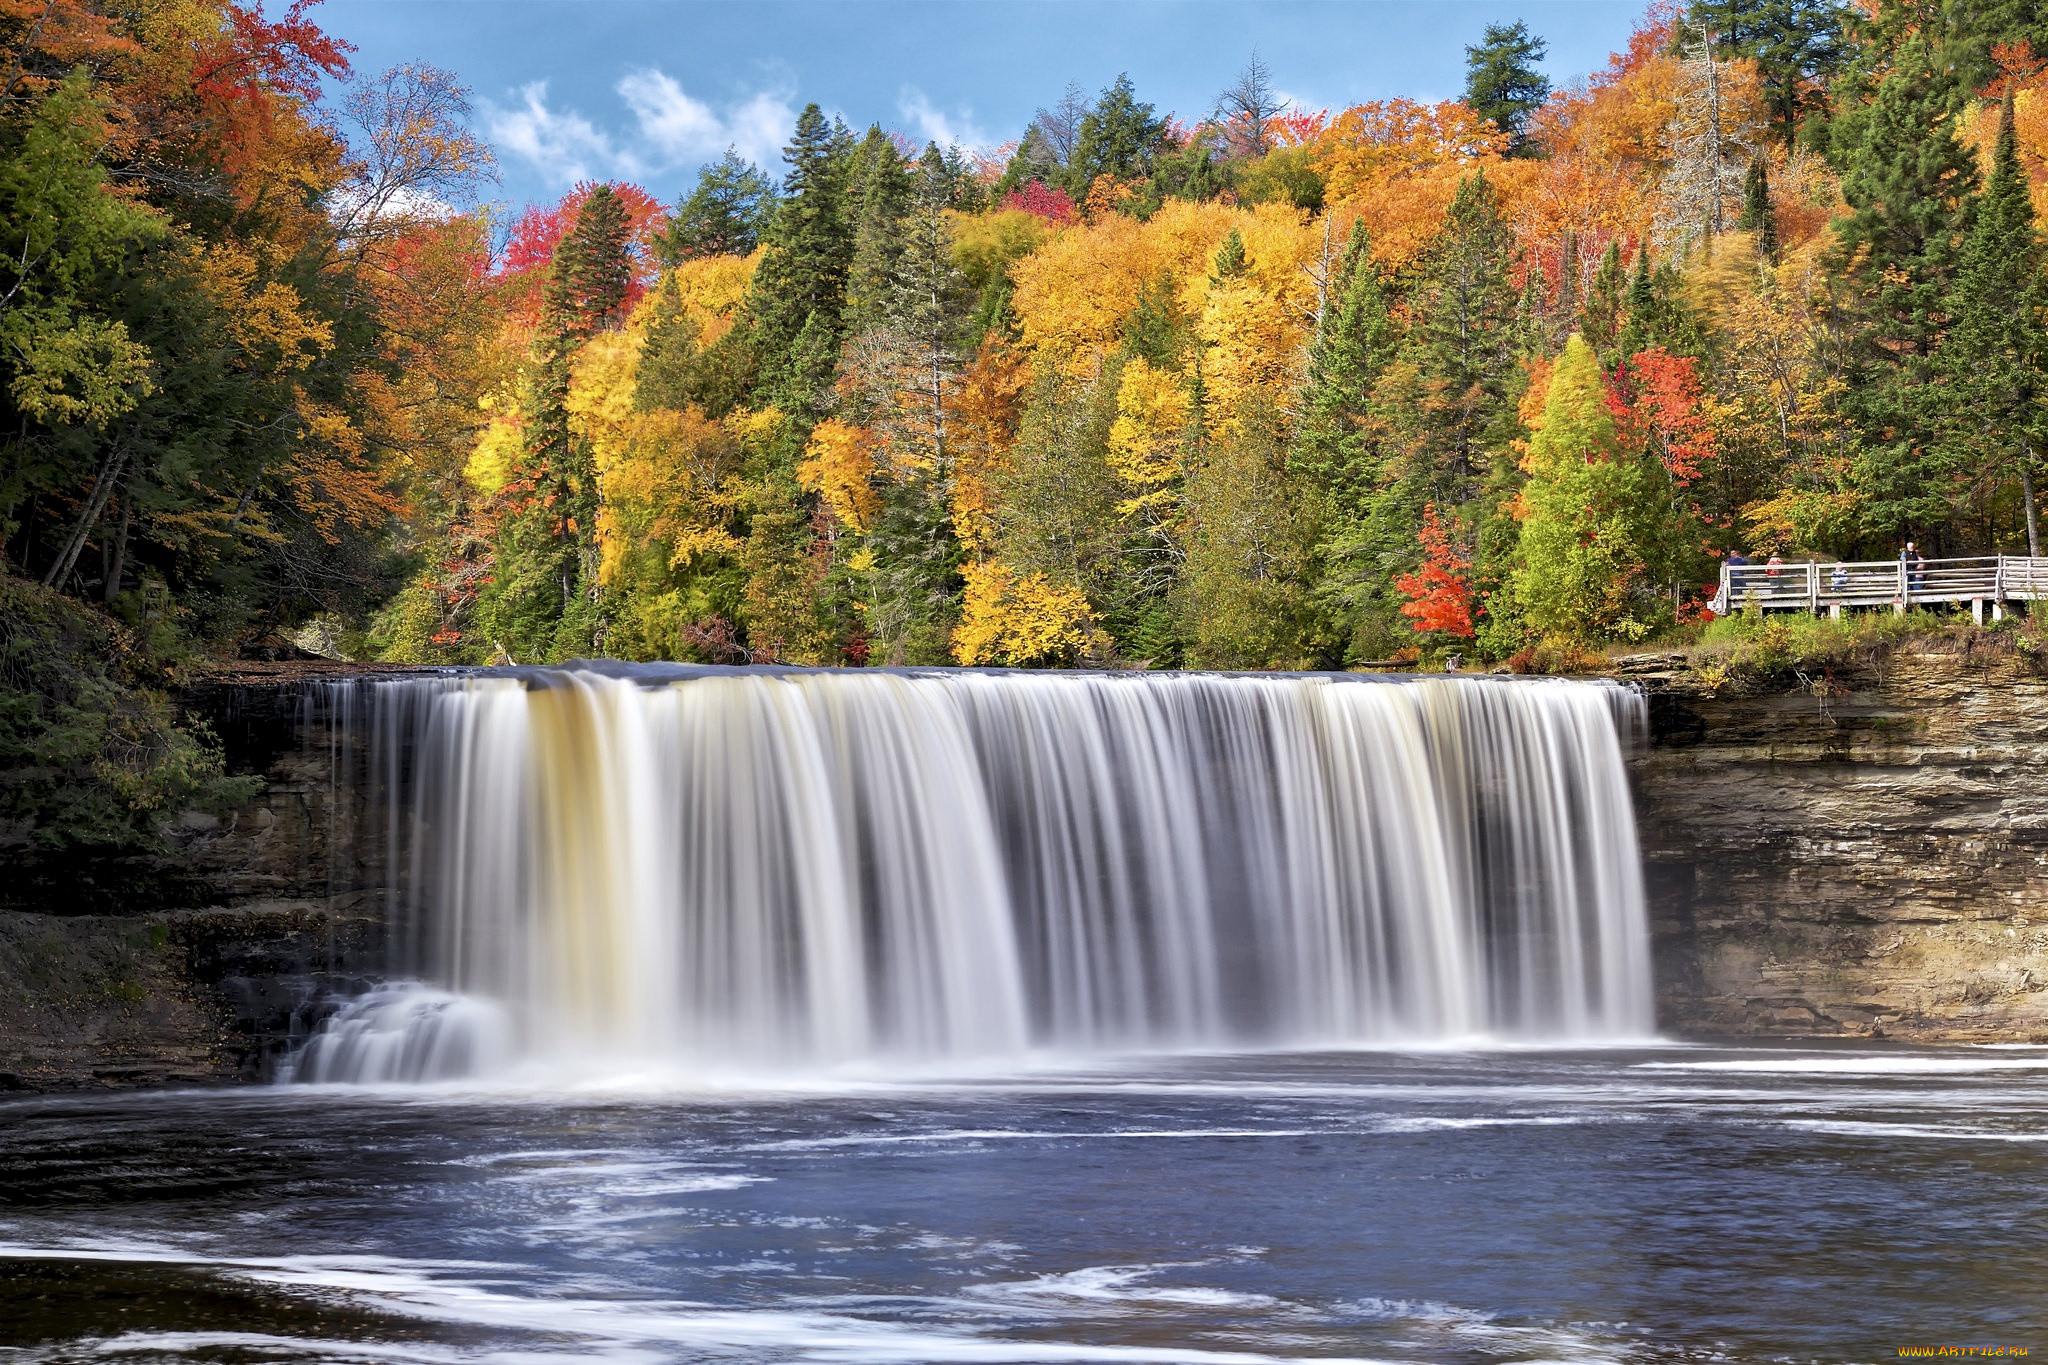 осень картинки водопады цветов интерьере